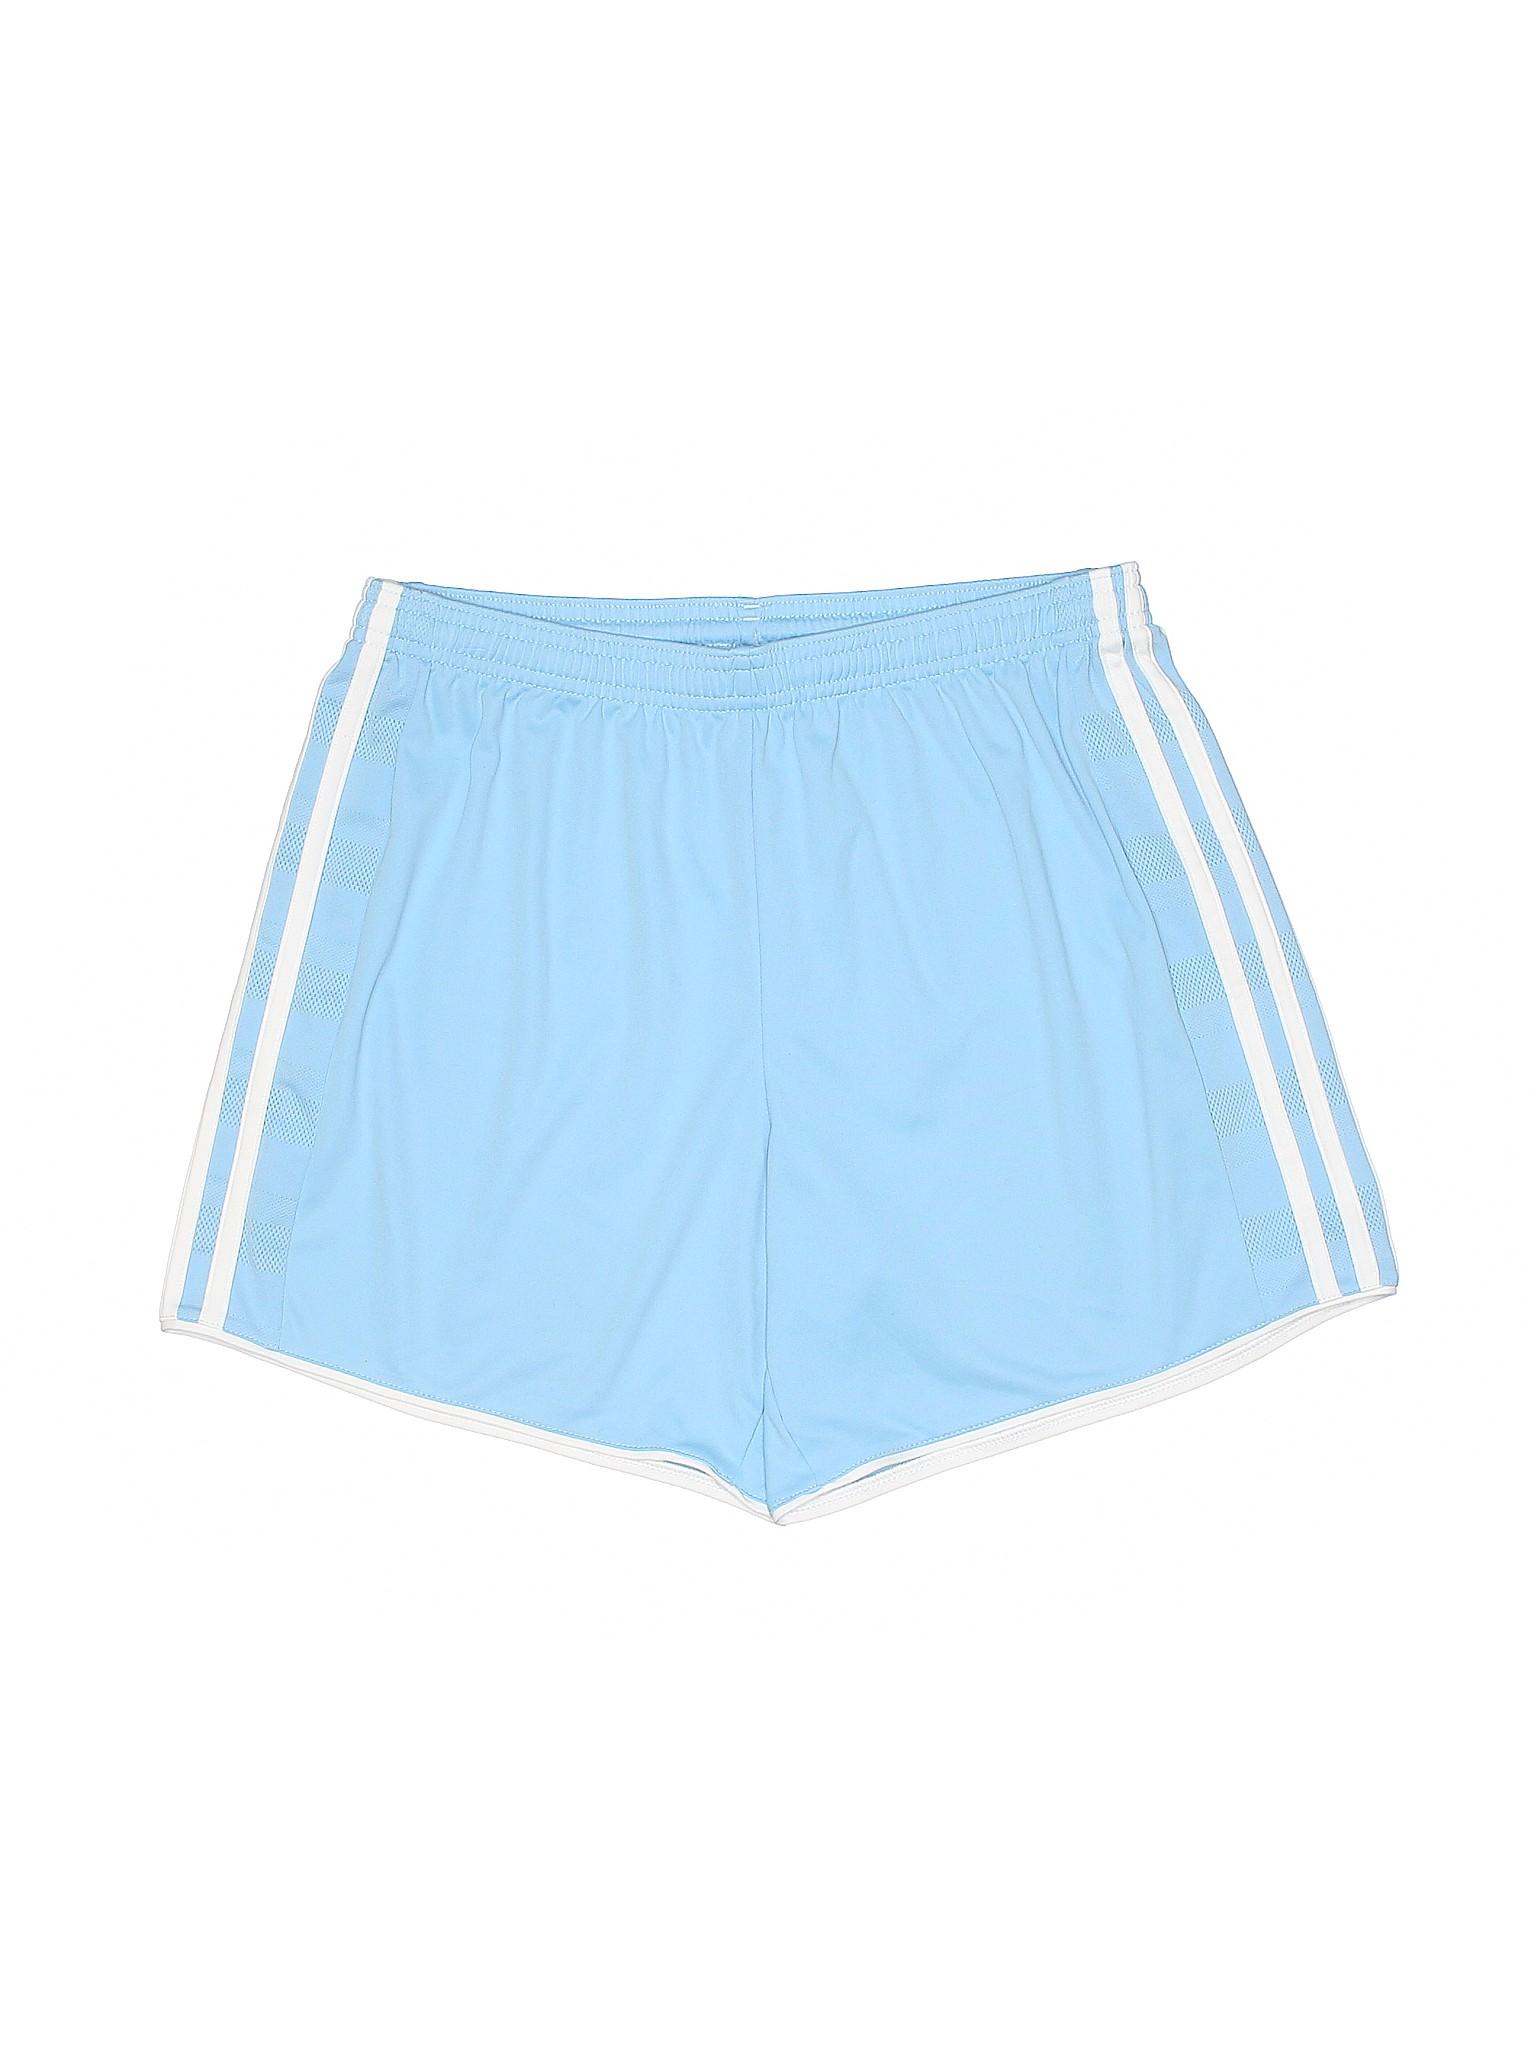 Boutique Boutique Adidas Shorts Athletic Adidas Adidas Shorts Athletic Athletic Boutique fTx65FwYFq